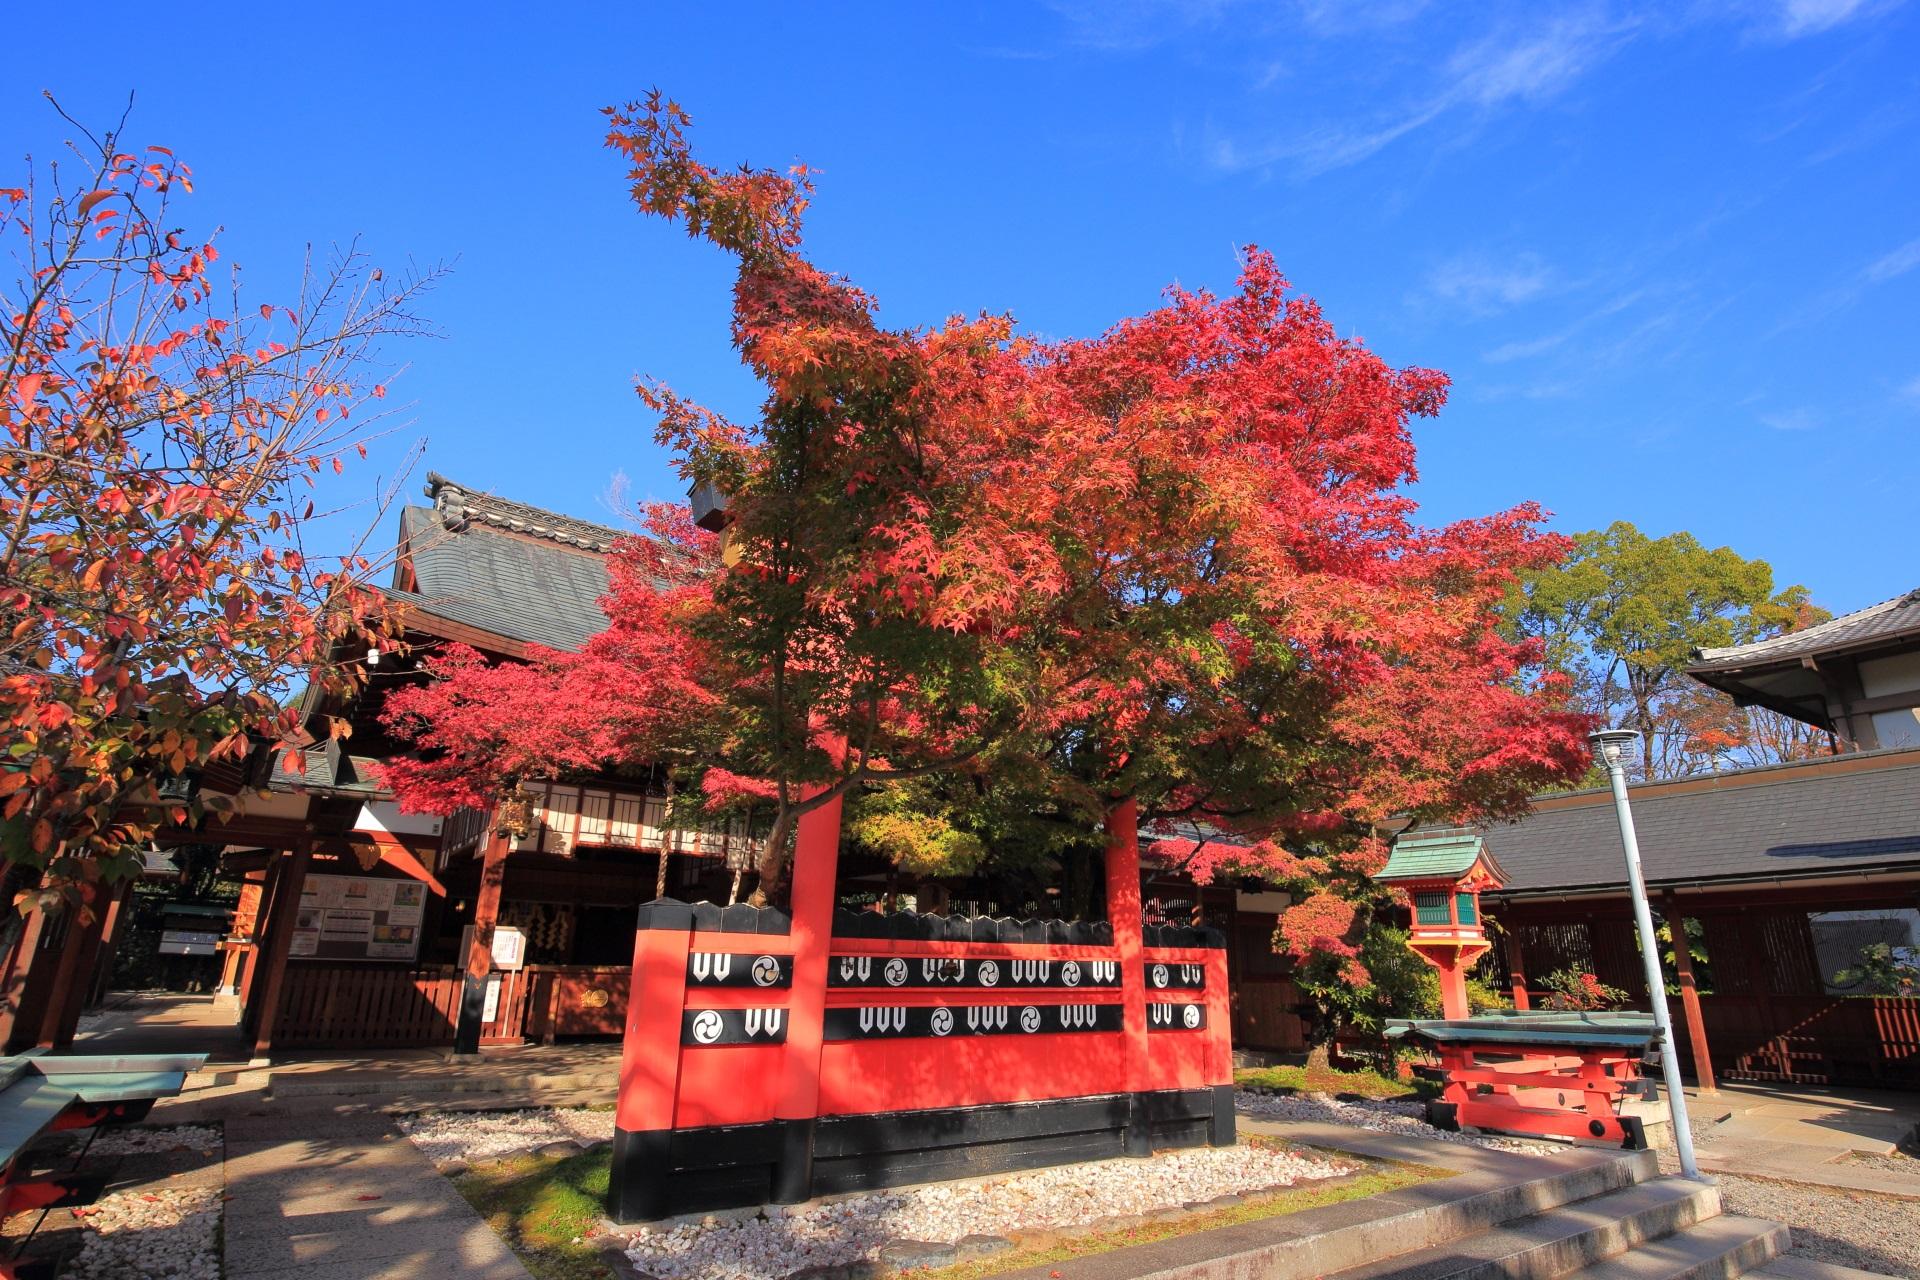 車折神社の青空に映える鮮やかな紅葉